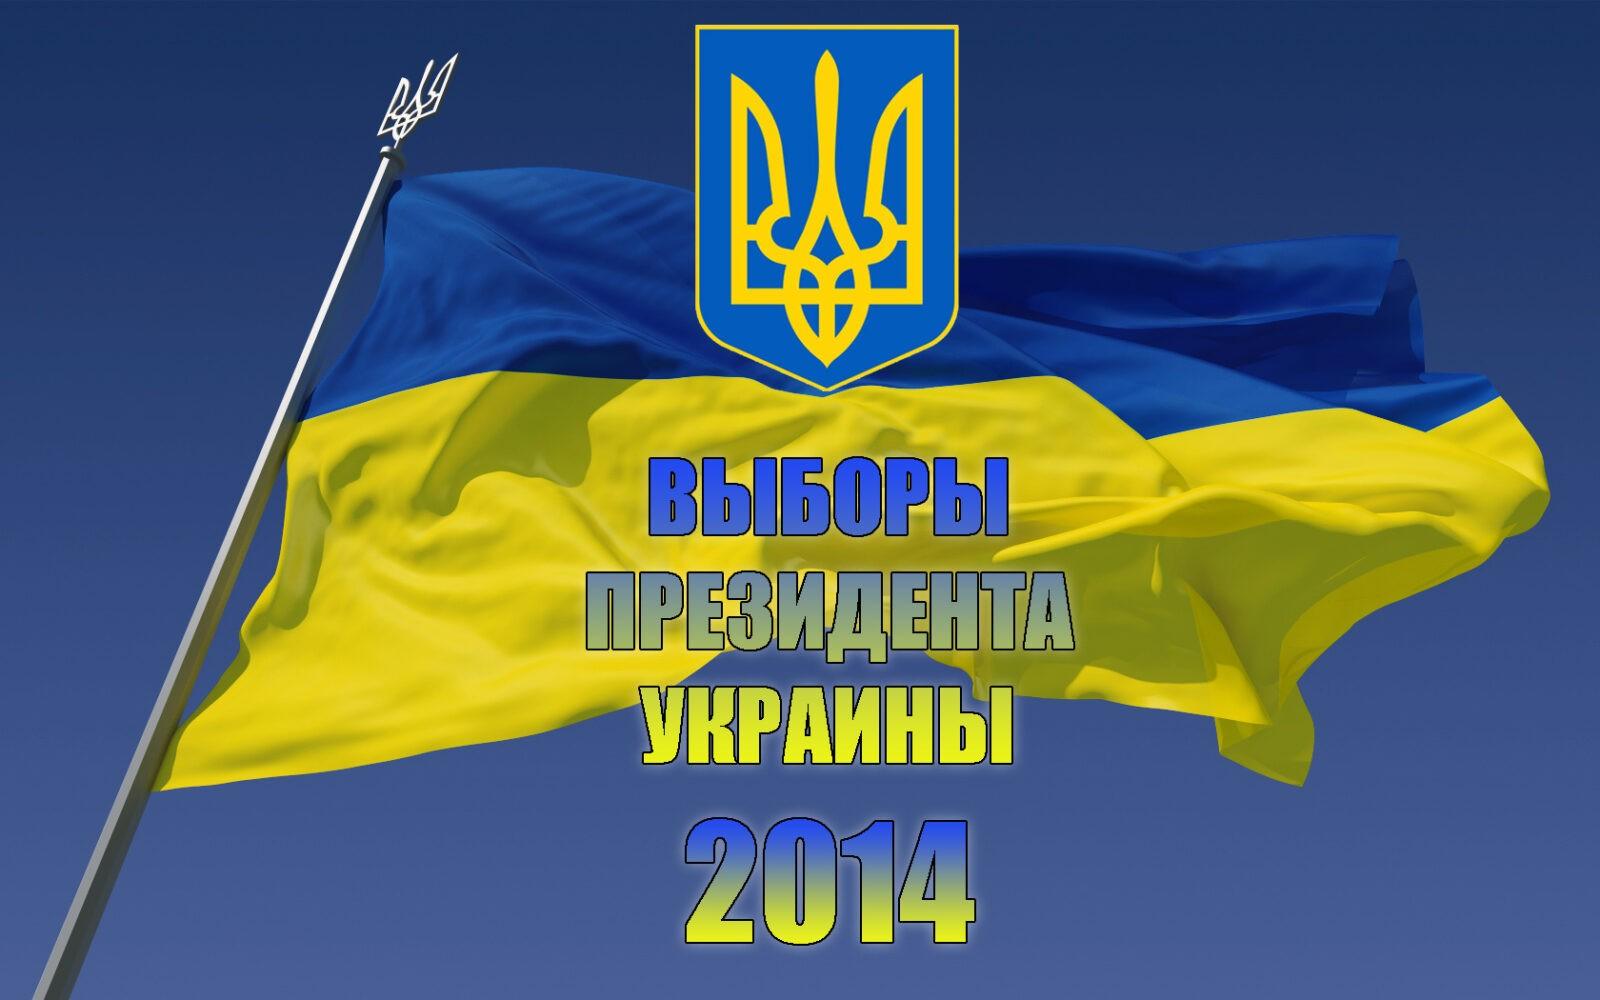 Граждане Украины в Узбекистане приглашаются принять участие в президентских выборах